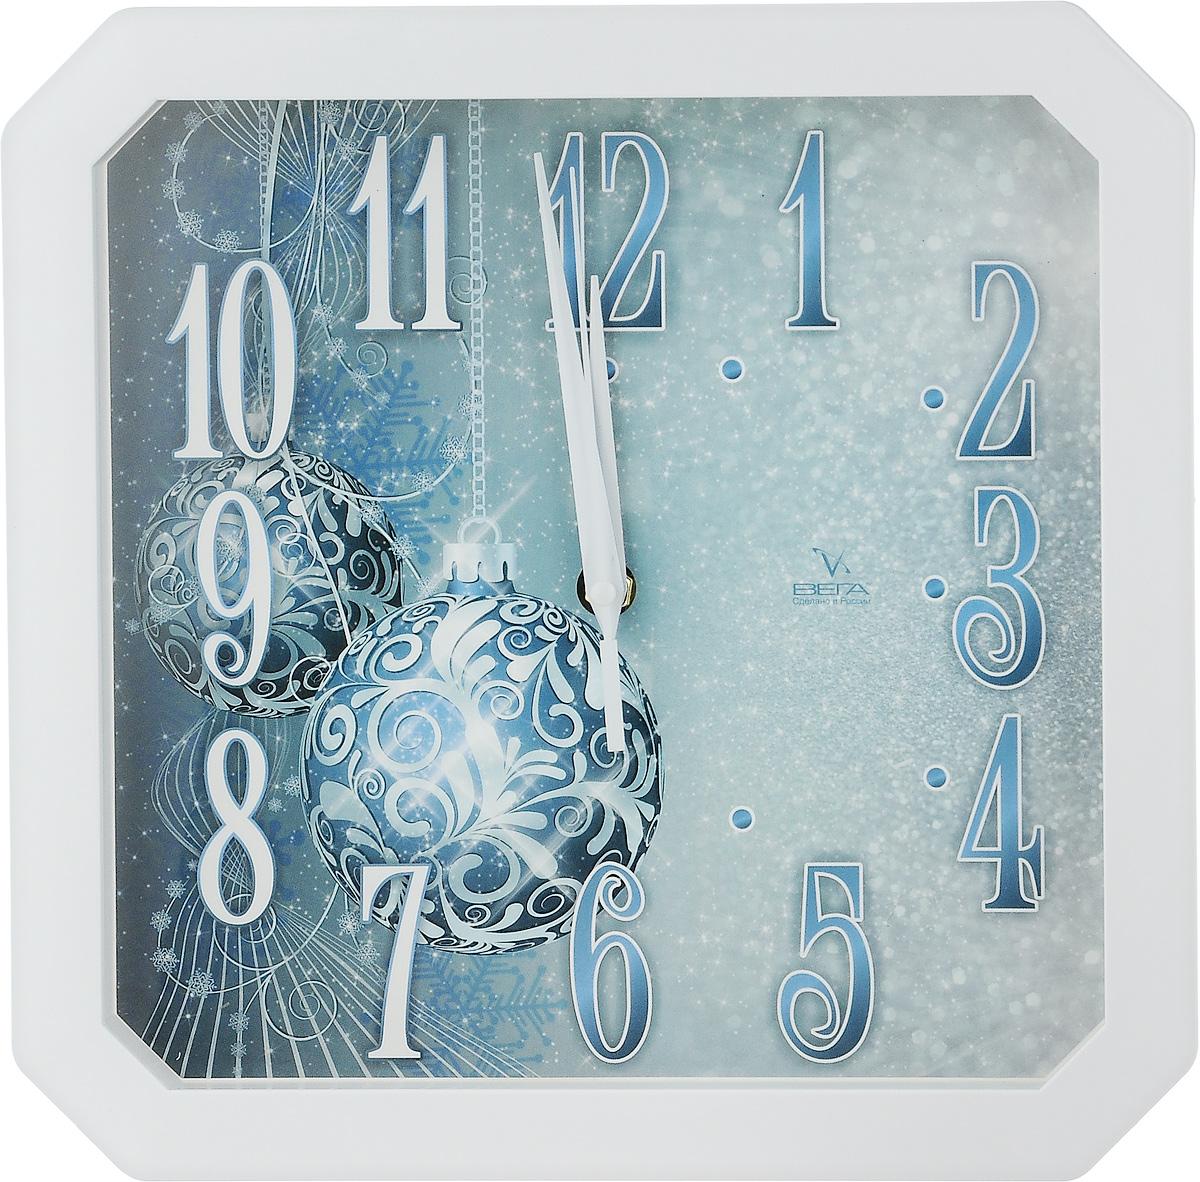 Часы настенные Вега Шары, 28 х 28 х 4 смП3-14-133Настенные кварцевые часы Вега Шары, изготовленные из пластика, прекрасно впишутся в интерьер вашего дома. Часы имеют три стрелки: часовую, минутную и секундную, циферблат защищен прозрачным стеклом. Часы работают от 1 батарейки типа АА напряжением 1,5 В (не входит в комплект).